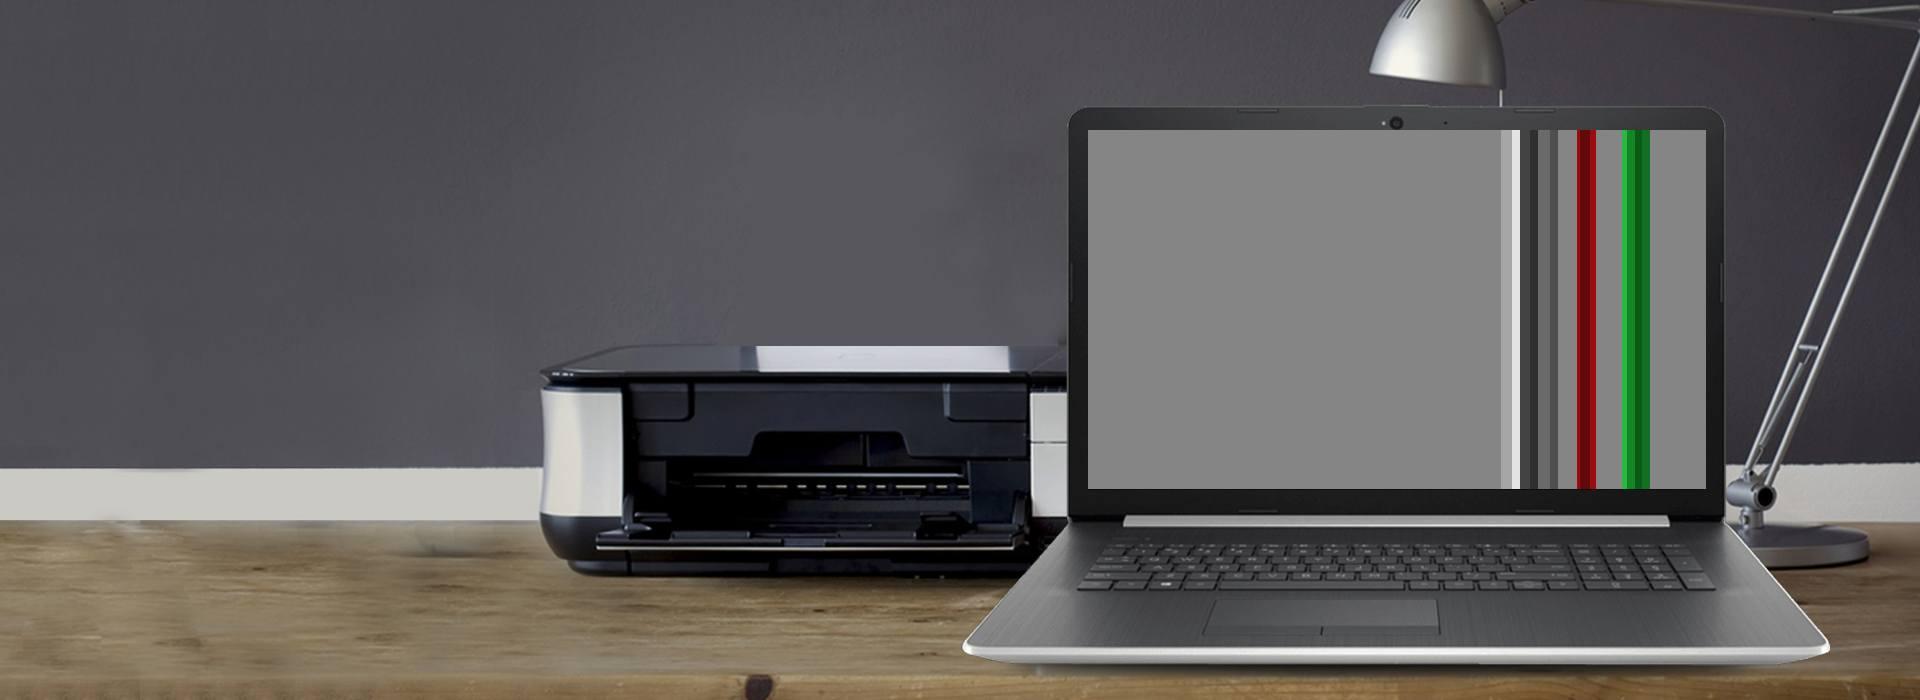 رفع مشکل صفحه نمایش لرزان